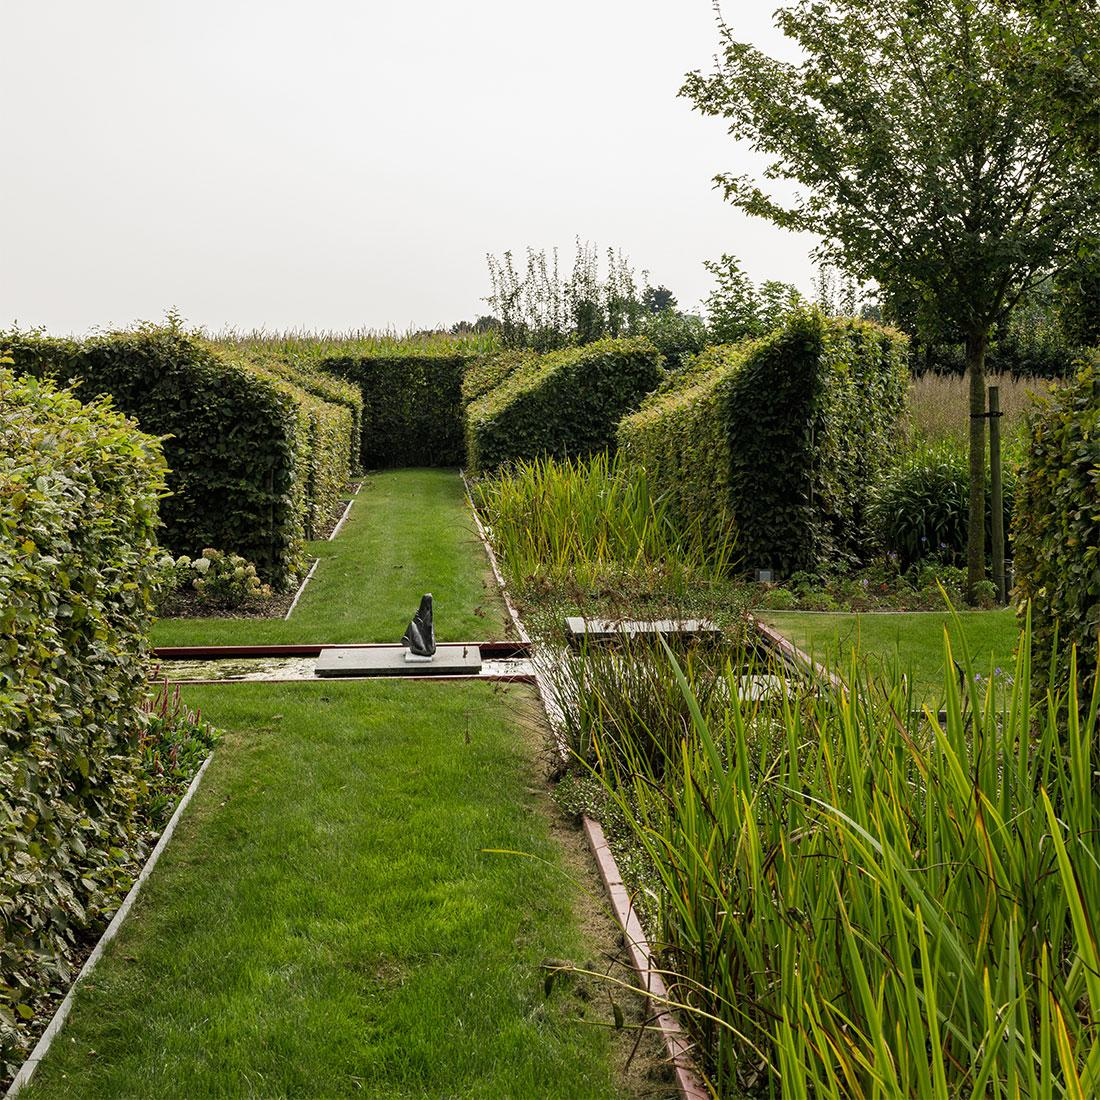 141-parktuin-vijver-water-grote-tuin-loopbrug-prairie-vasteplanten-spruyt-51.jpg